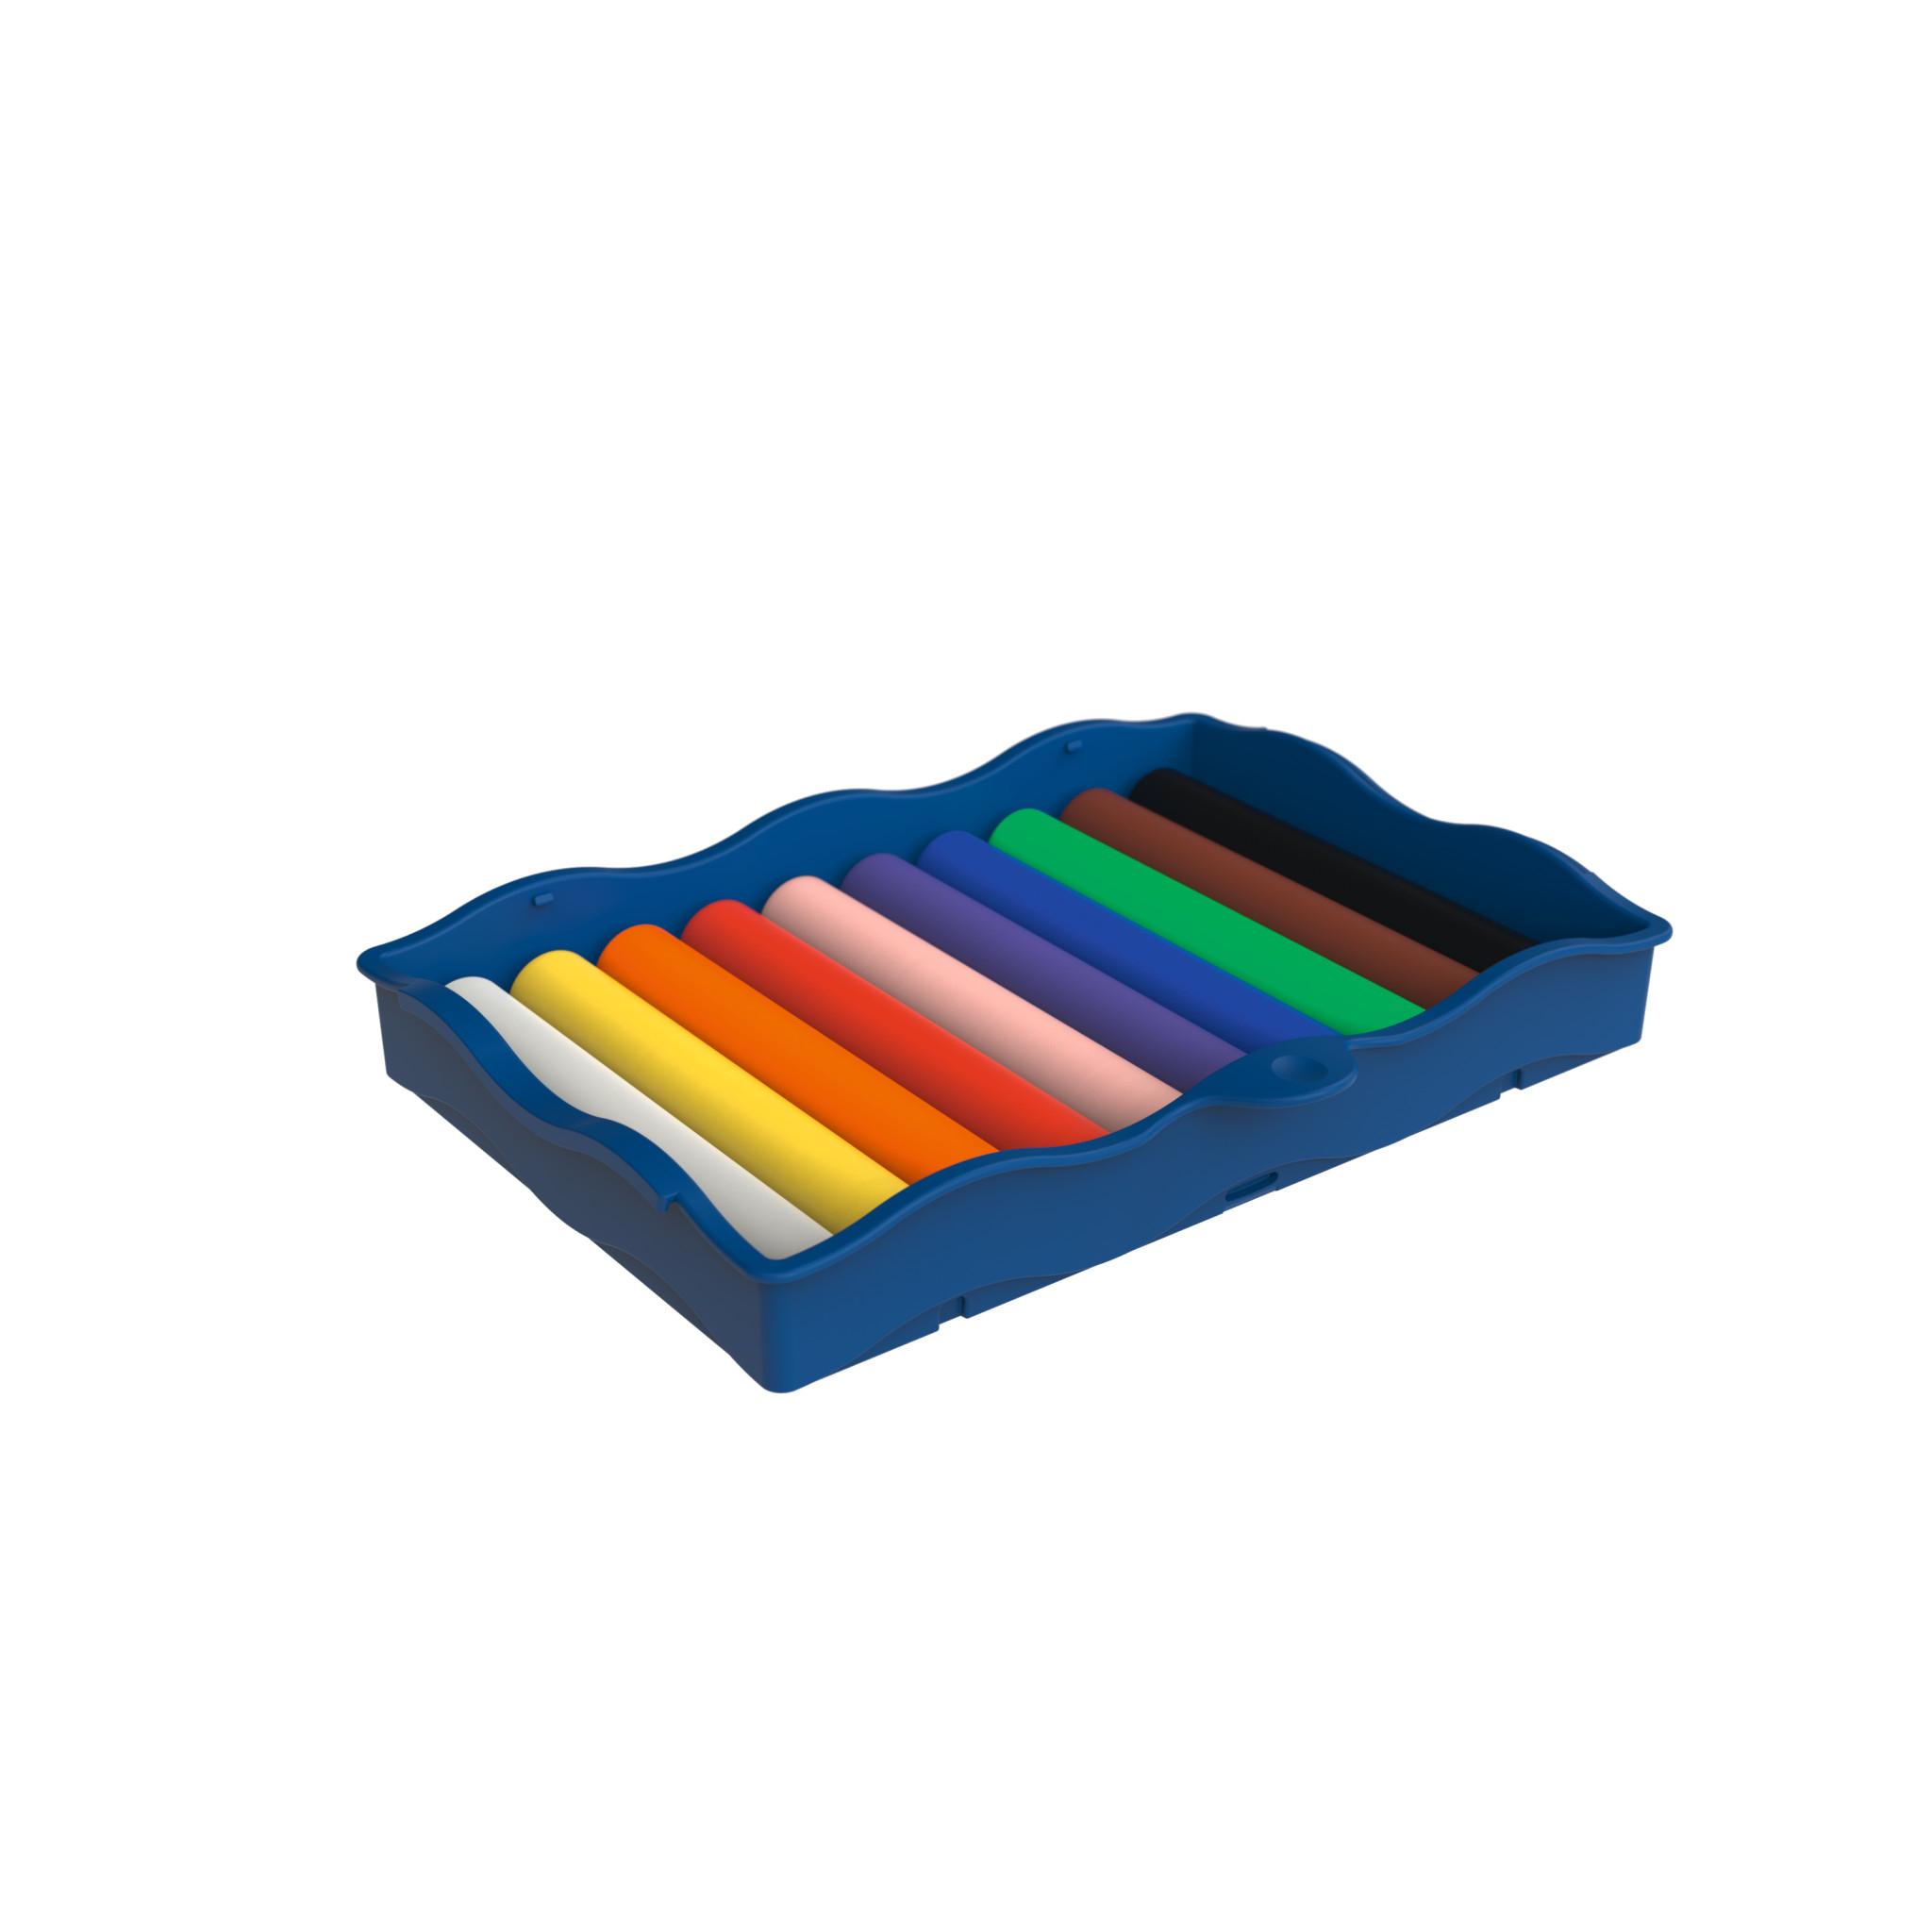 Vorschau: Pelikan Kreativfabrik Creaplast - Modellierton - Schwarz - Blau - Braun - Grün - Orange - Pink - Violett - Rot - Weiß - Gelb - Kinder - 10 Stück(e) - 10 Farben - Junge/Mädchen